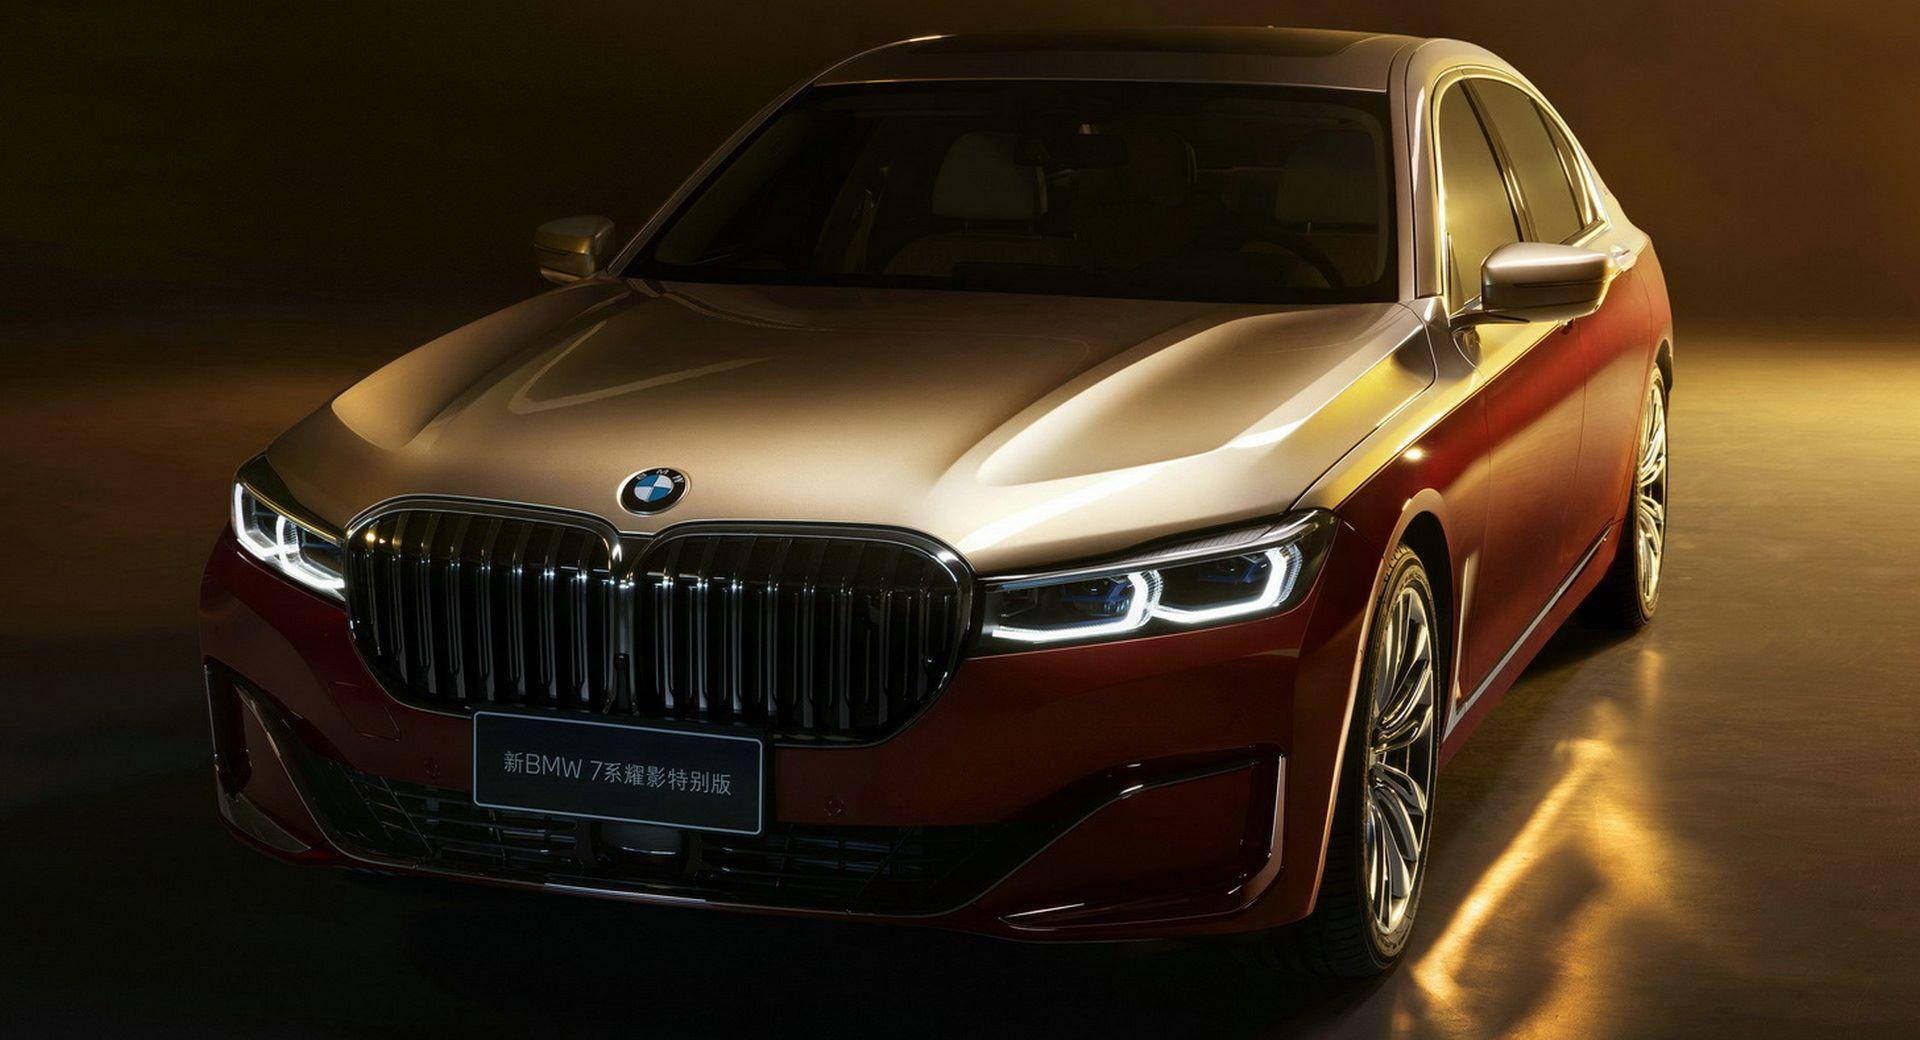 BMW-760Li-Shining-Shadow-Special-Edition-1